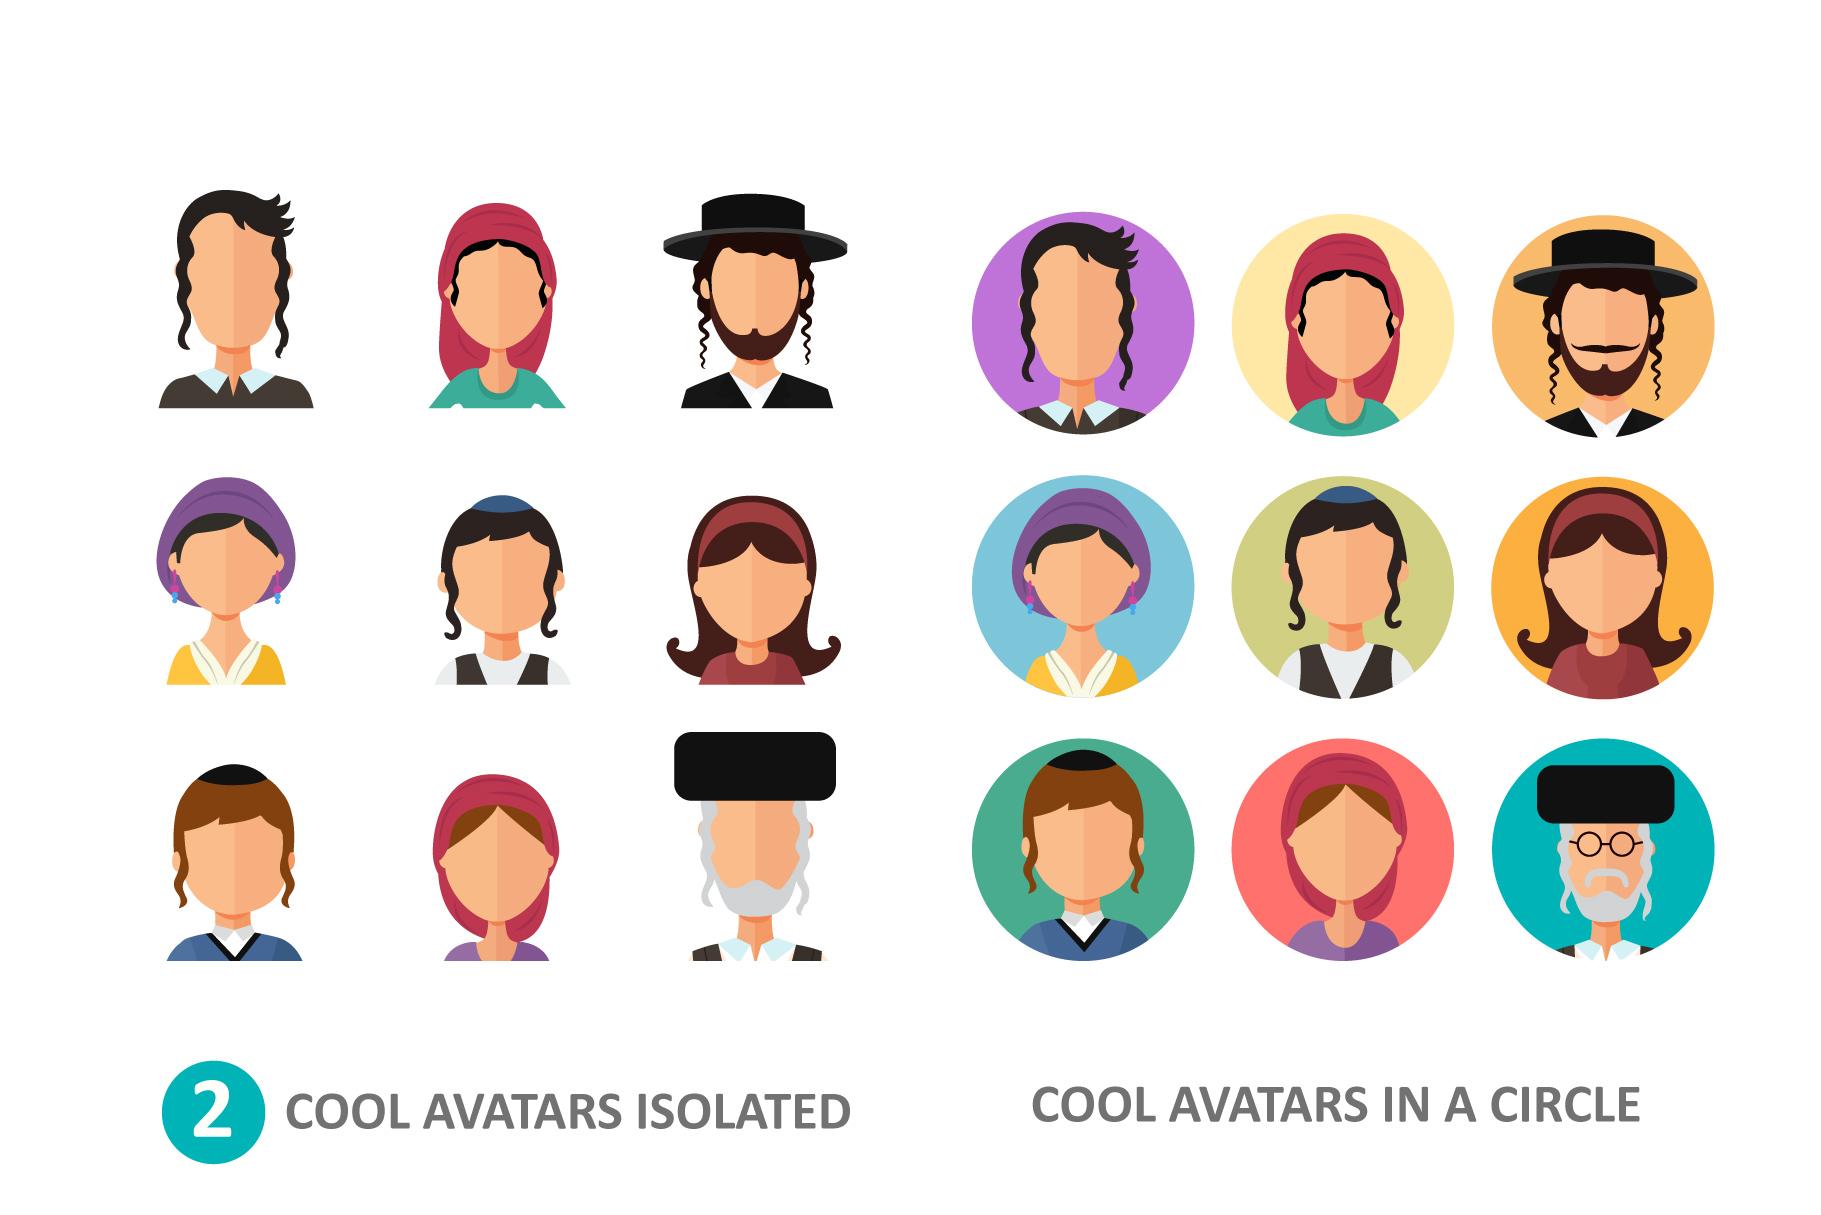 Jewish avatars family cartoon flat example image 3